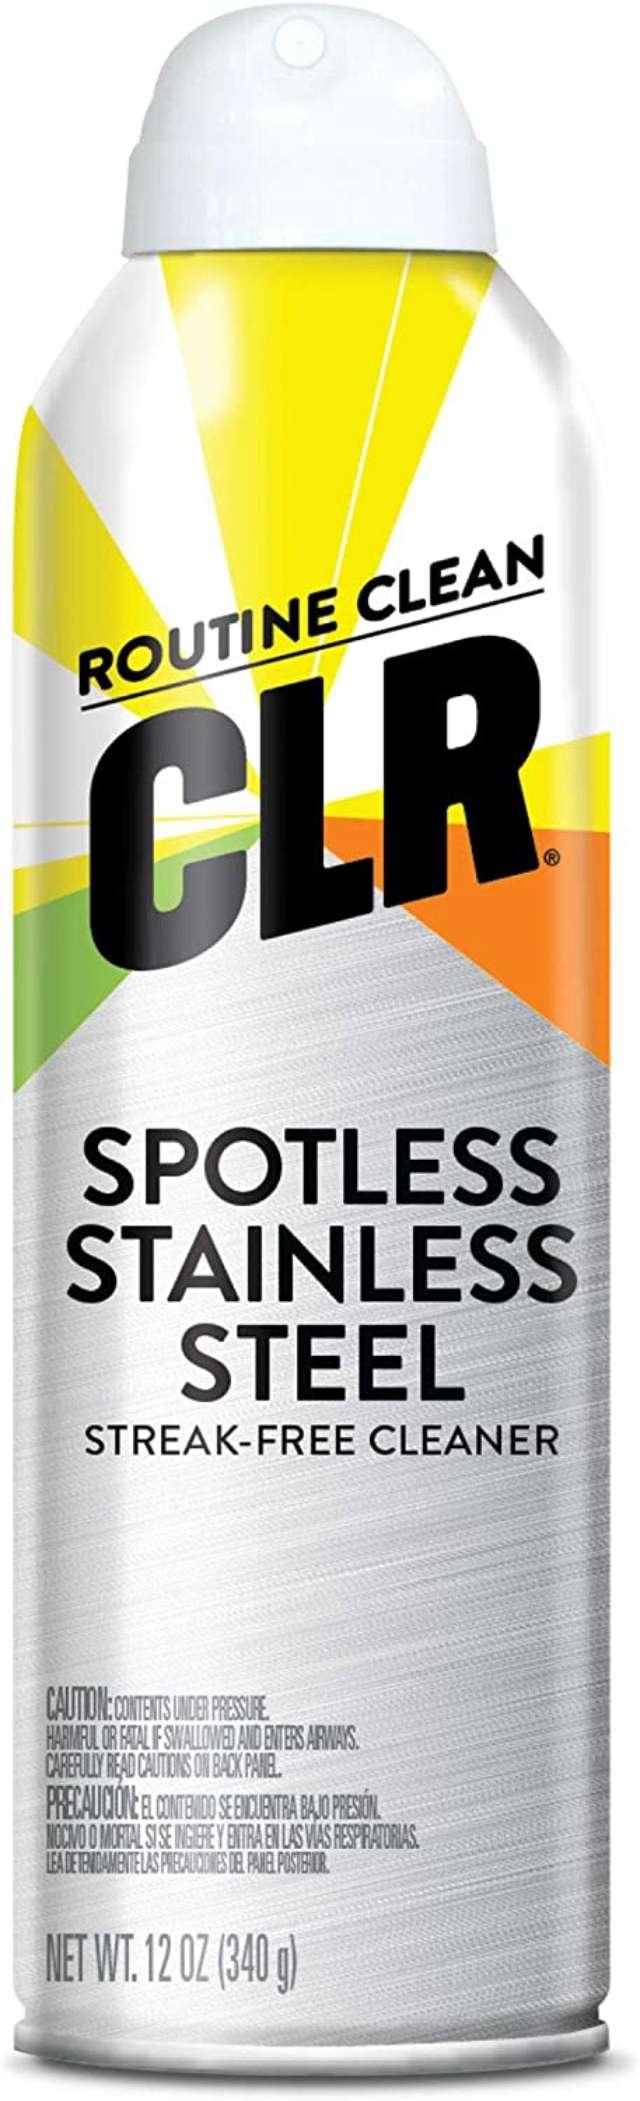 clr-routine-clean